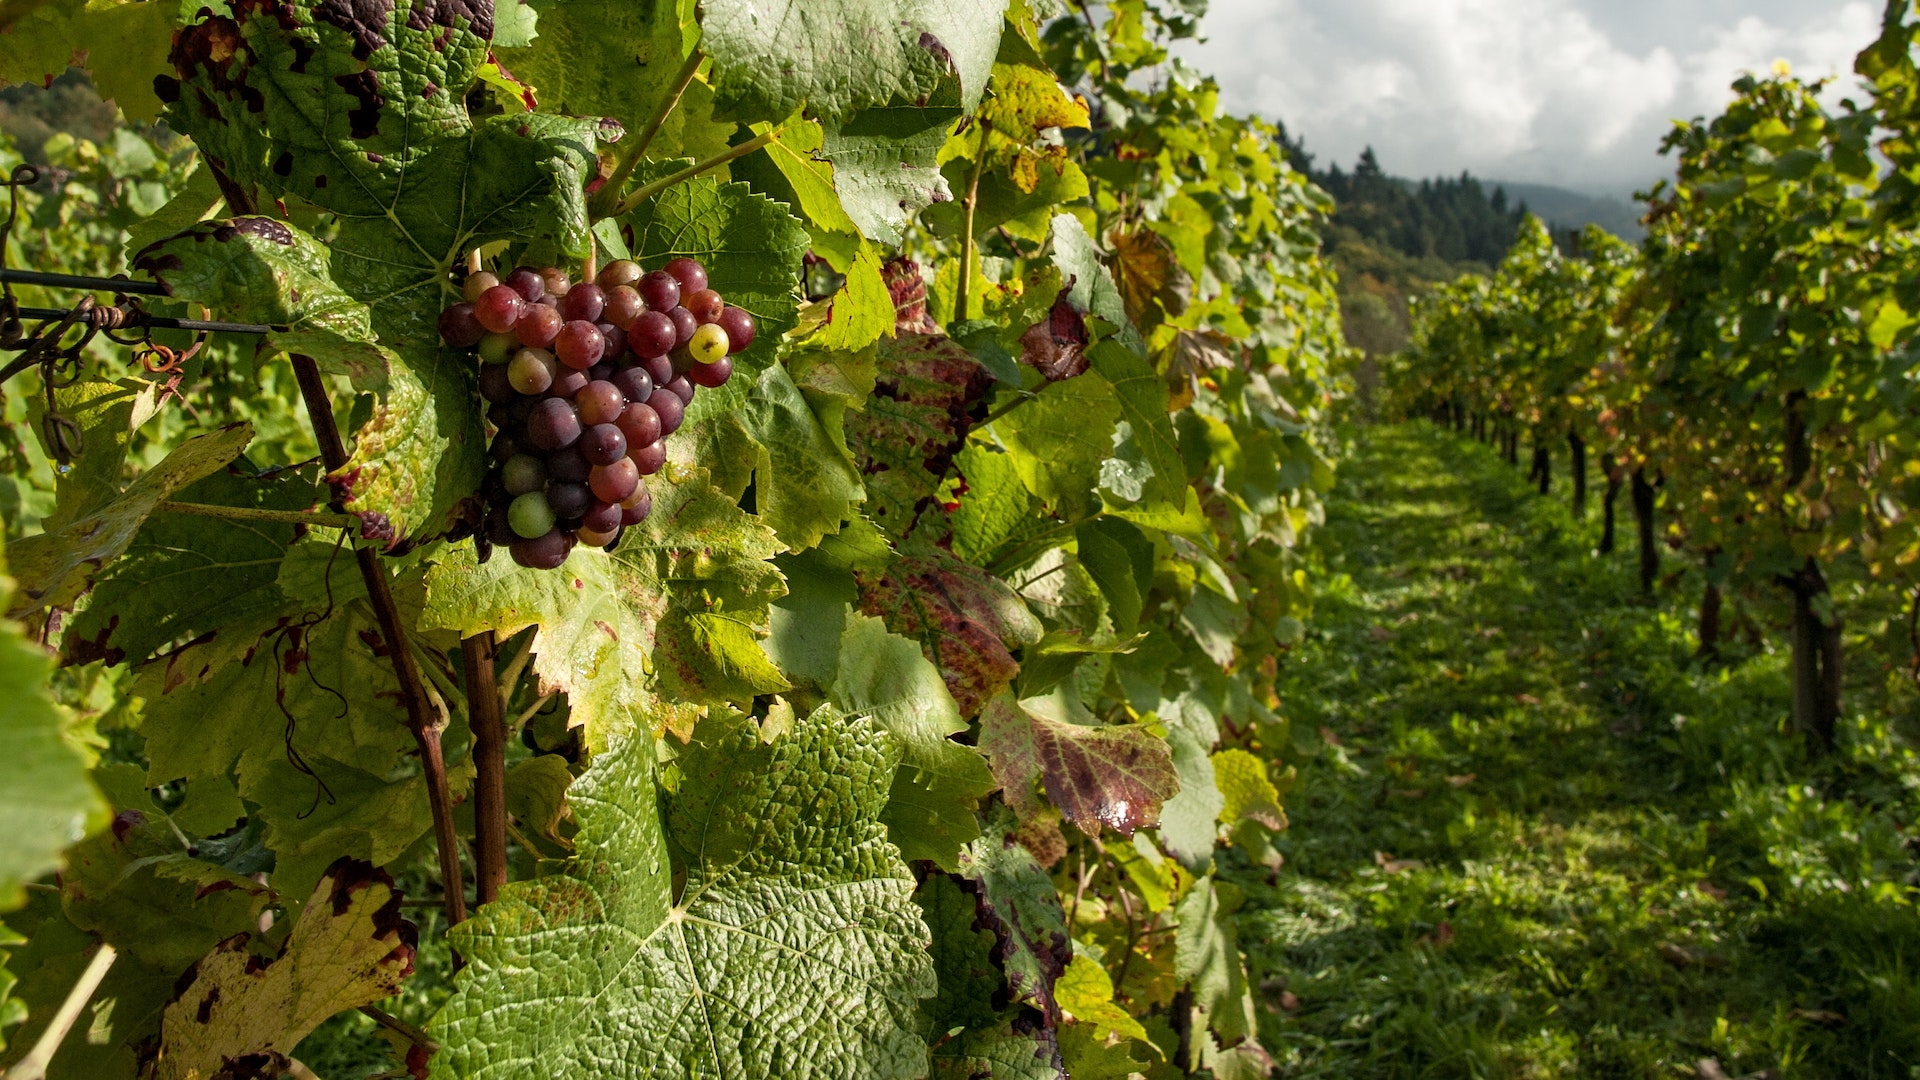 Bodegas de Argentina inicia un foro permanente de sustentabilidad vitivinícola para la industria